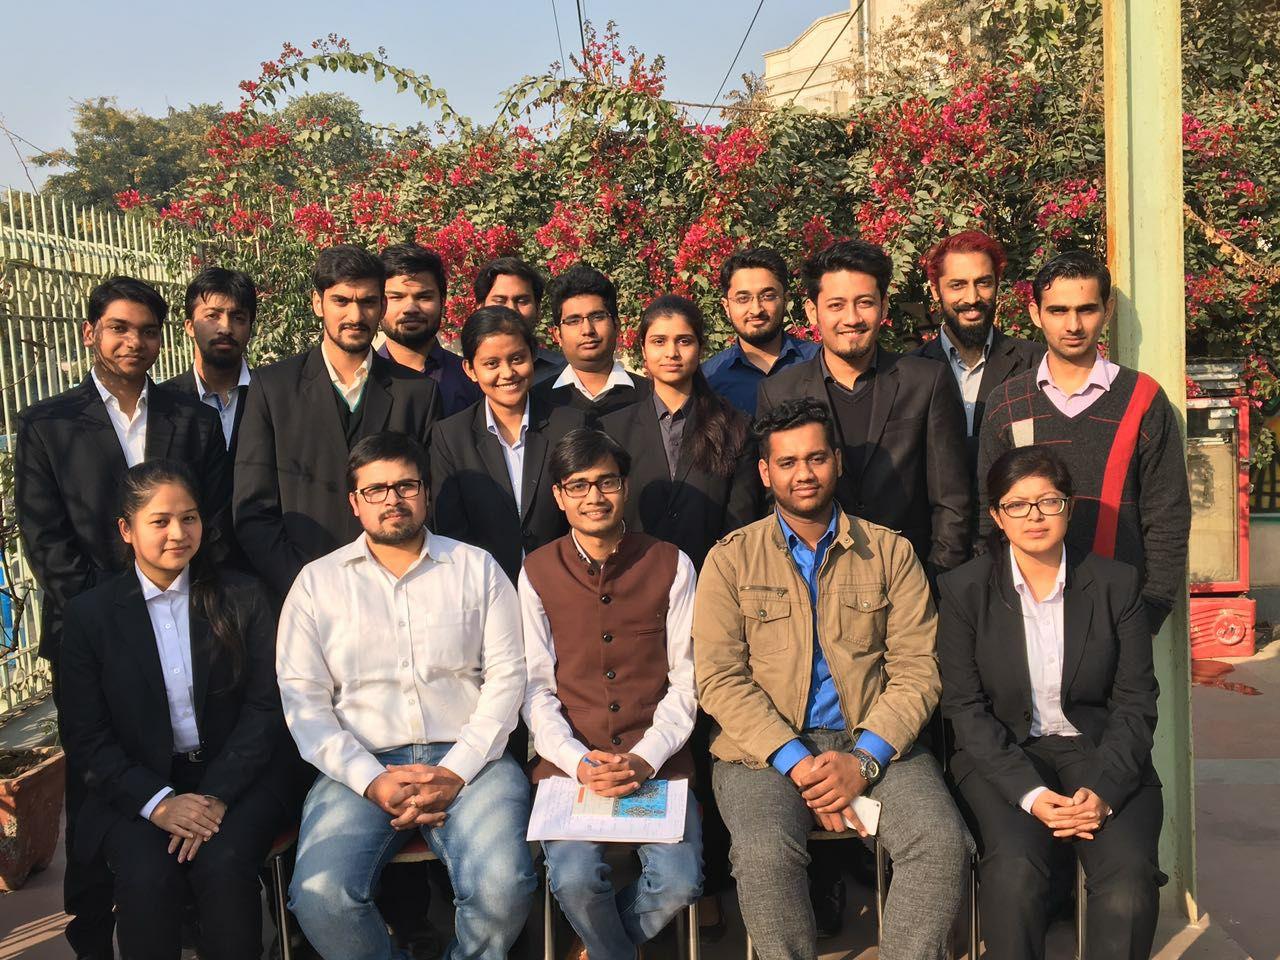 session on social entrepreneurship